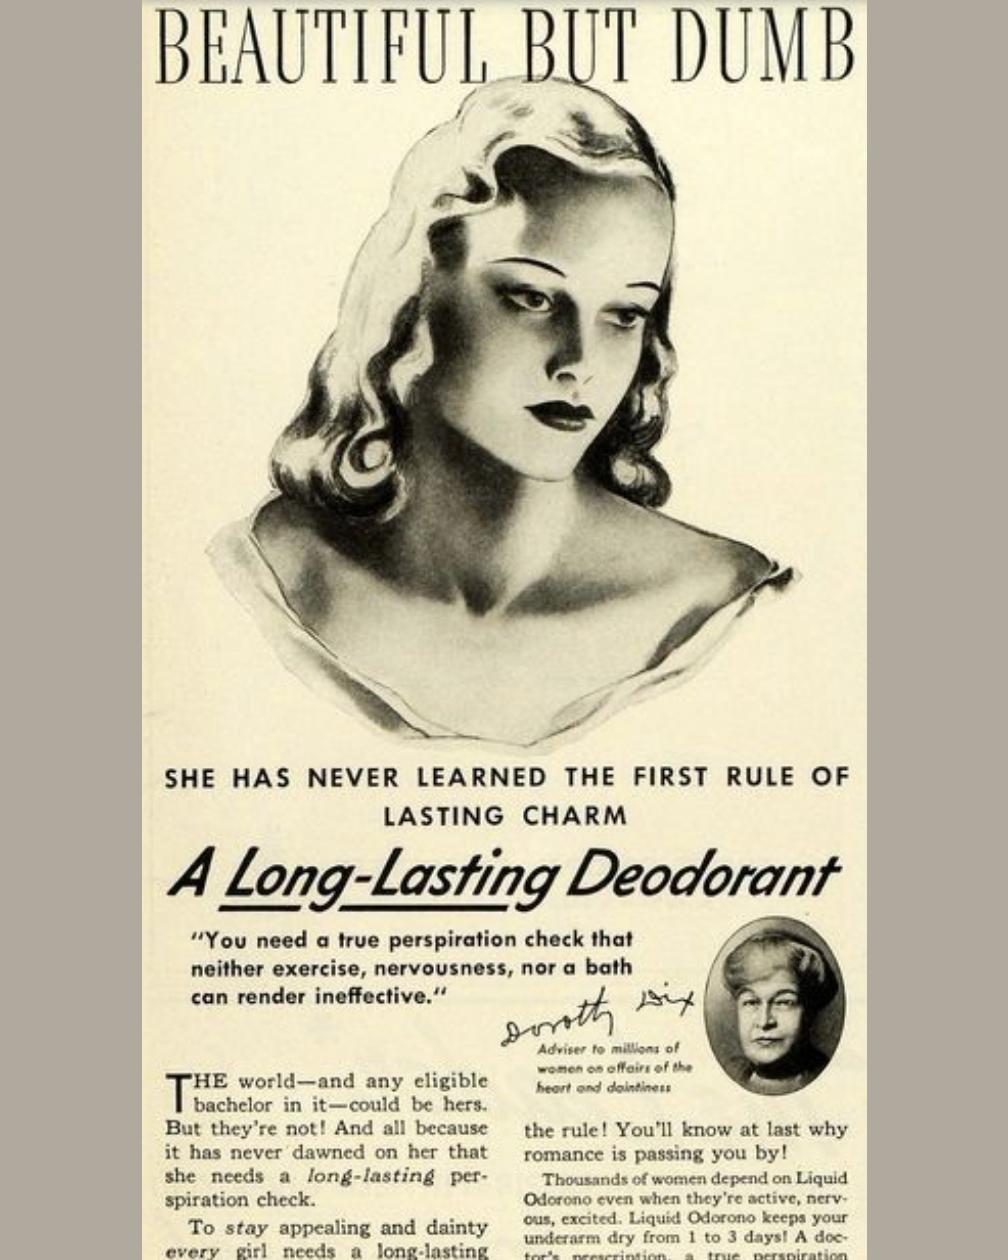 vintage deodorant ad